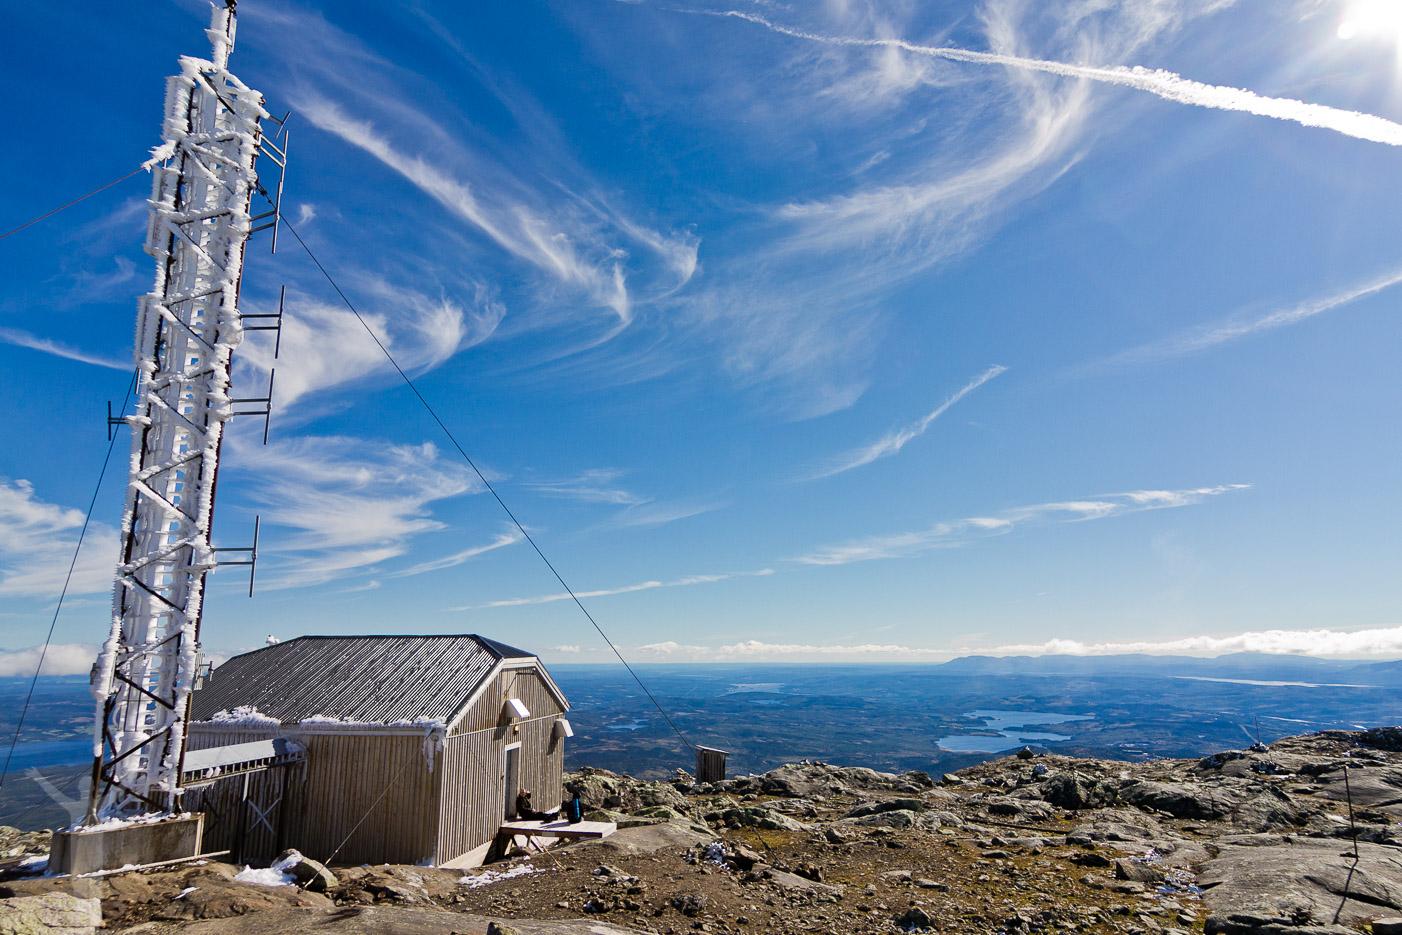 Vandra i åre och gör Åreskutans topp med sina 360°-vyer!